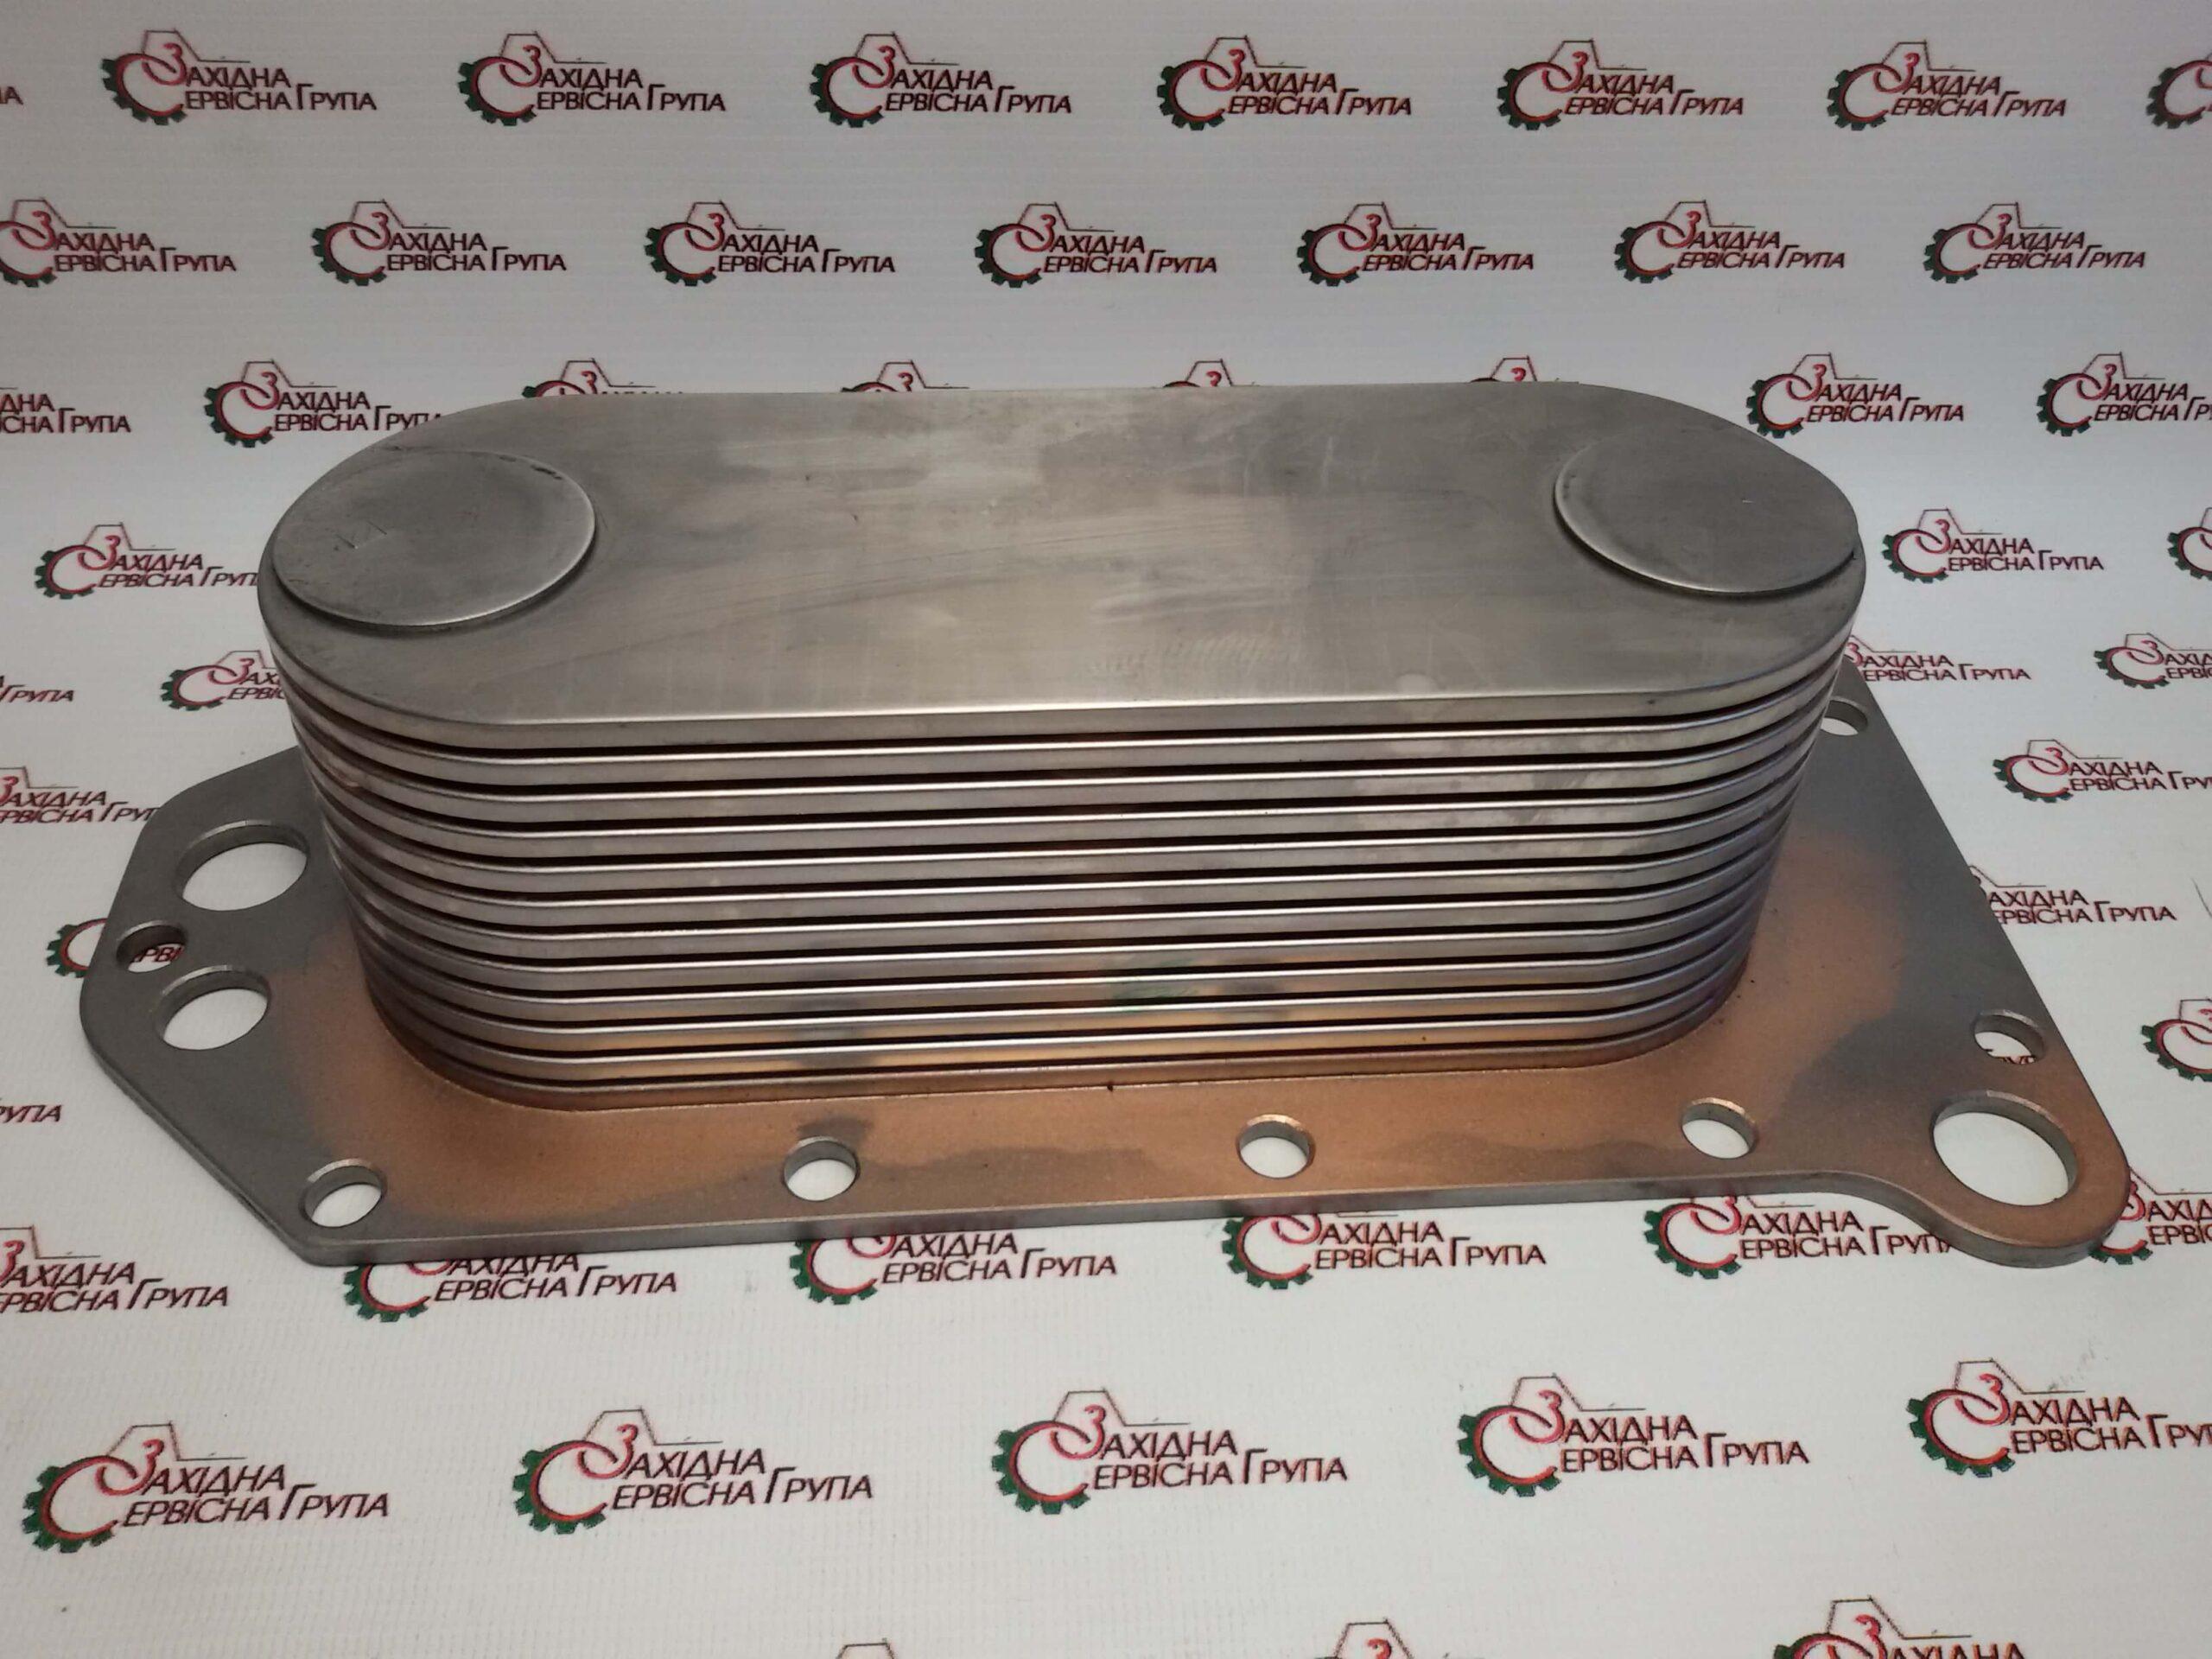 Теплообмінник двигуна Cummins 6CT 8.3, ISC, QSC, ISL, QSL9, 3974815, 3918175, 3906296.